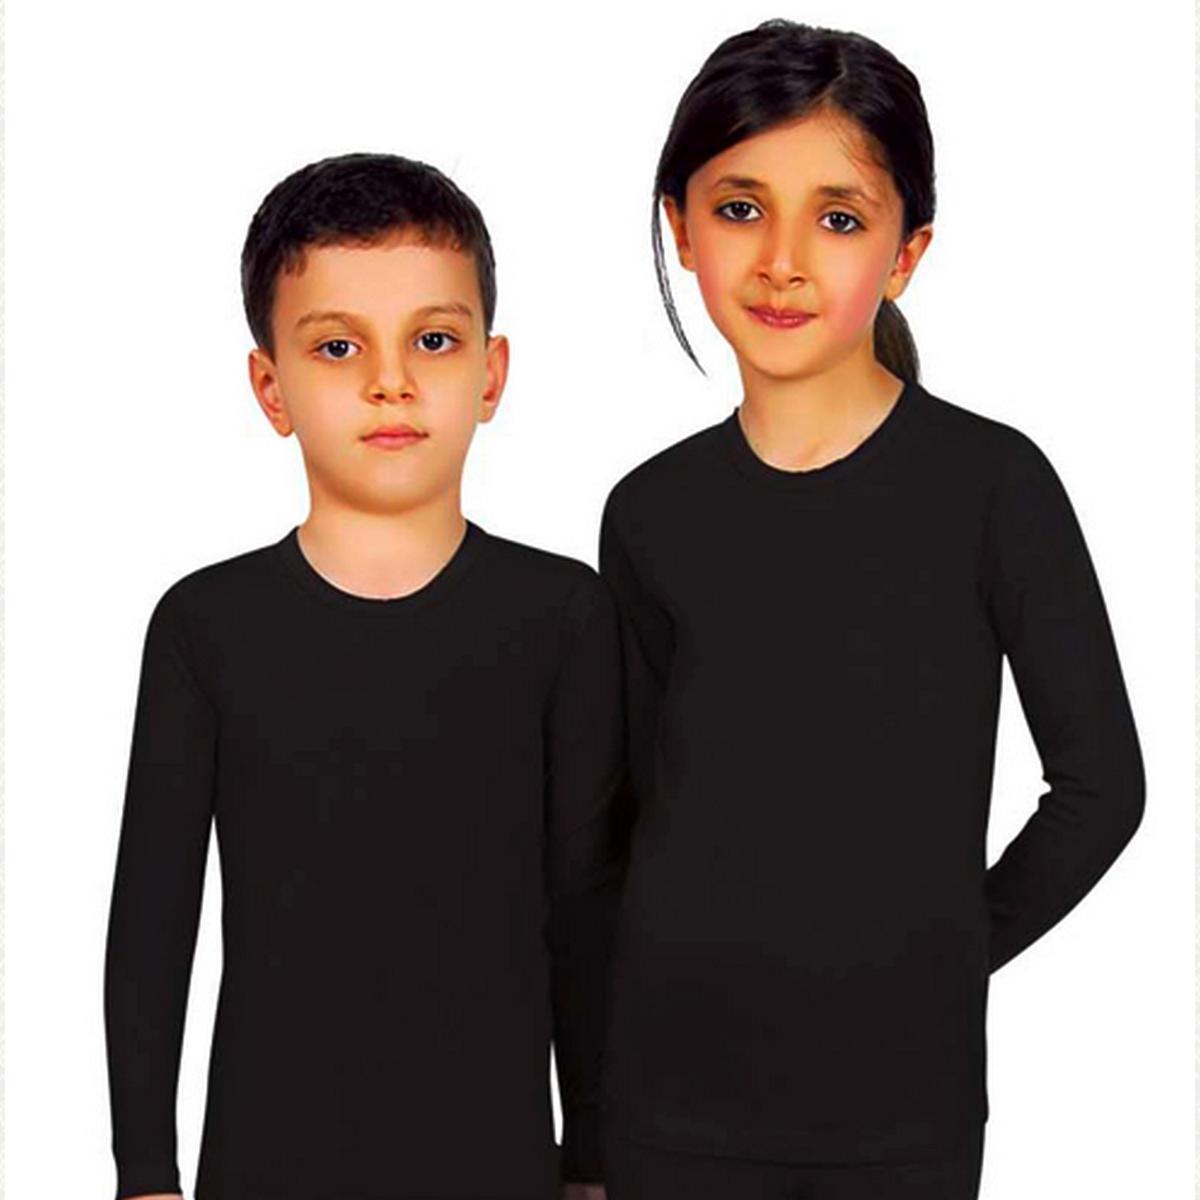 Термокофта для мальчиков и девочек.в упаковке две штуки одного размера. , цвет черный, 2 шт.